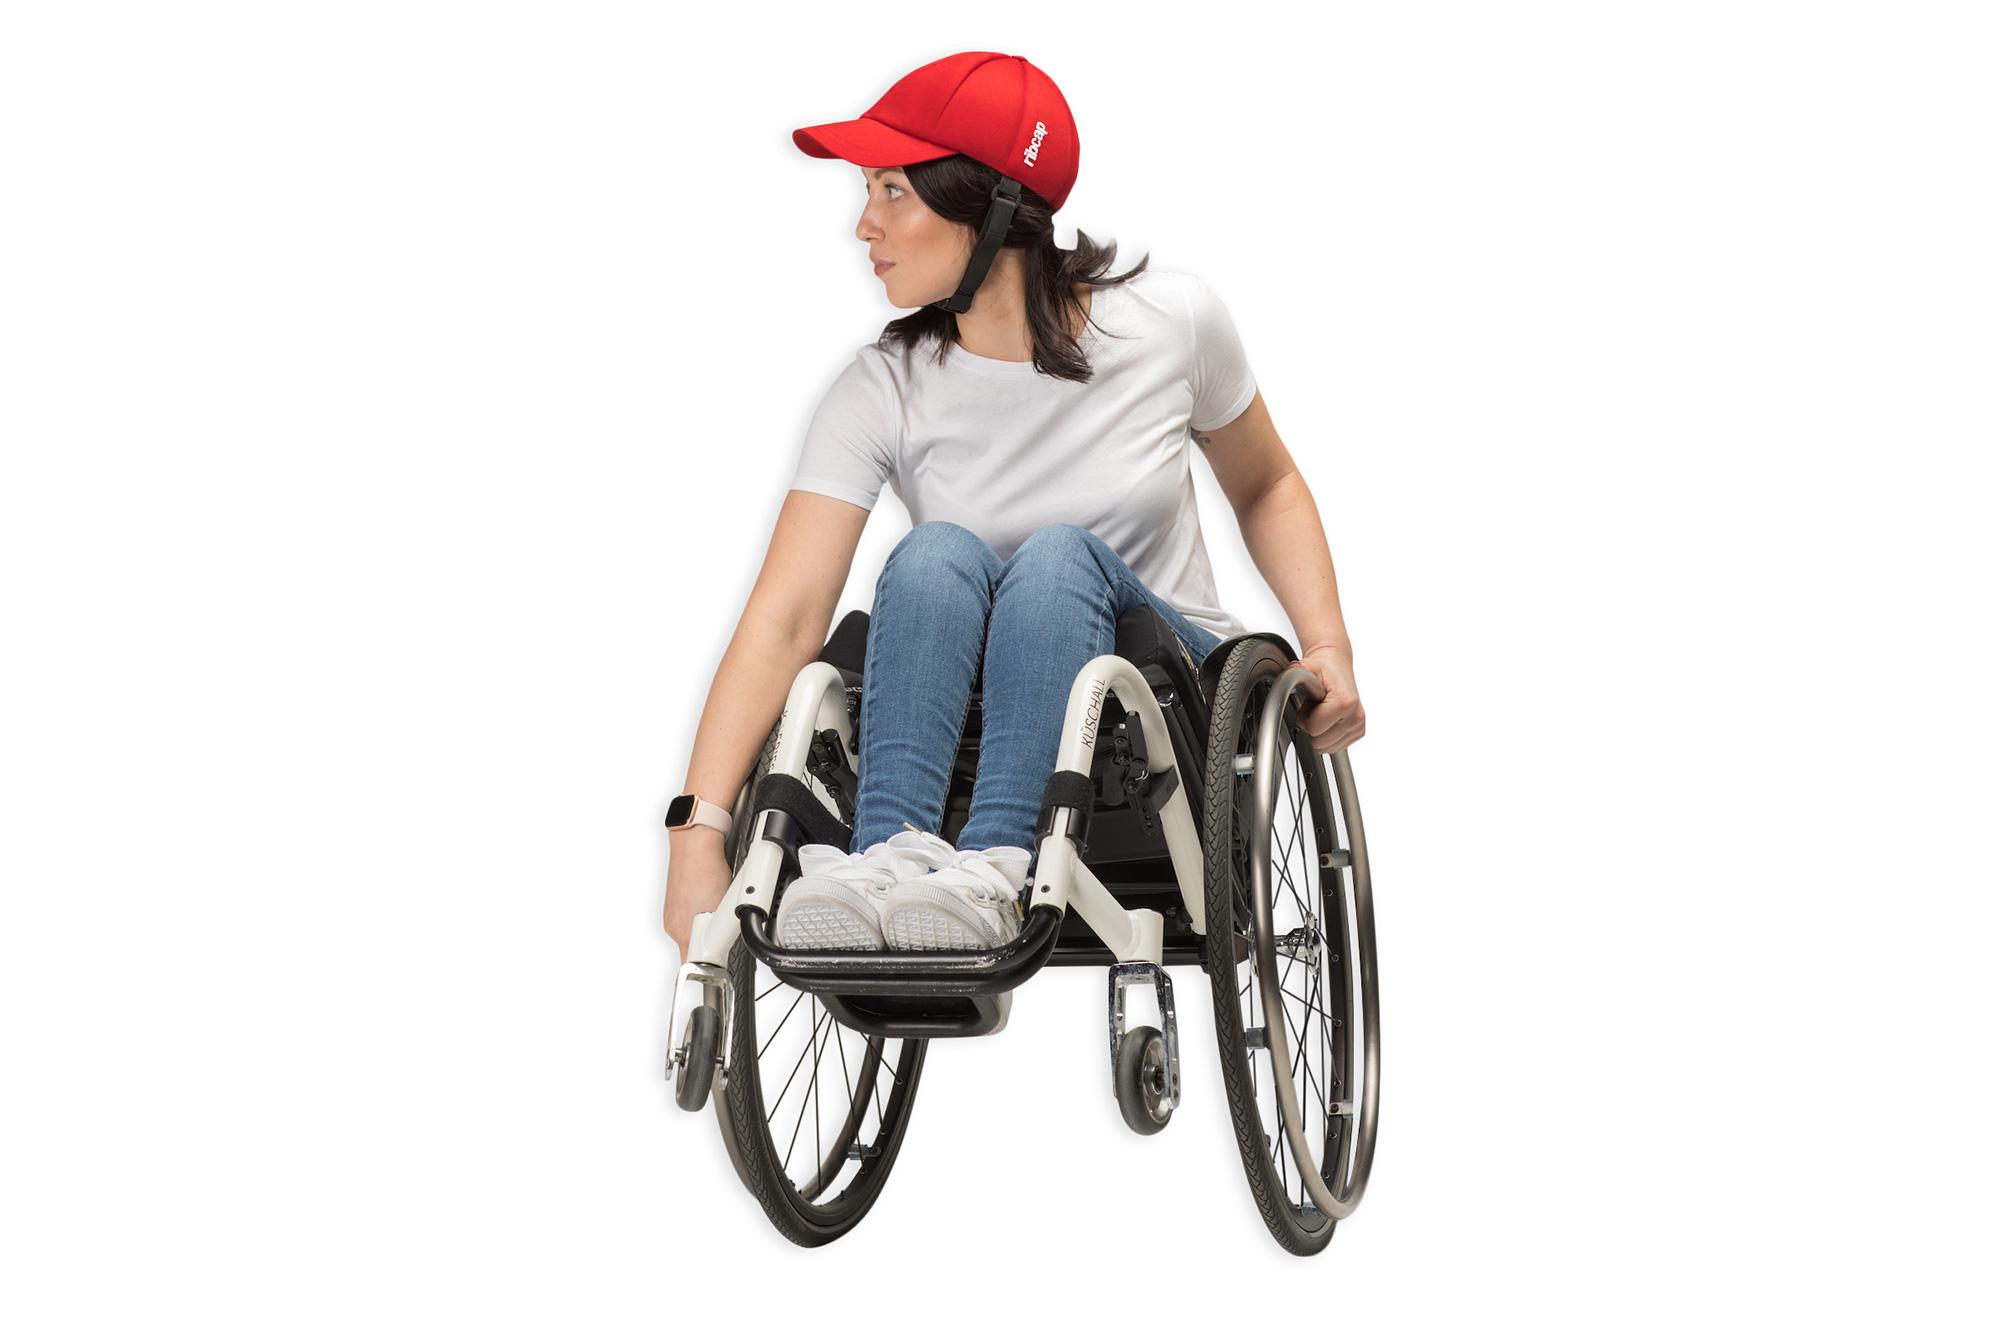 Ung, aktiv kvinne i rullestol iført en rød Ribcap Baseball med hakestropp, som sørger for stilsikker beskyttelse av hodet.